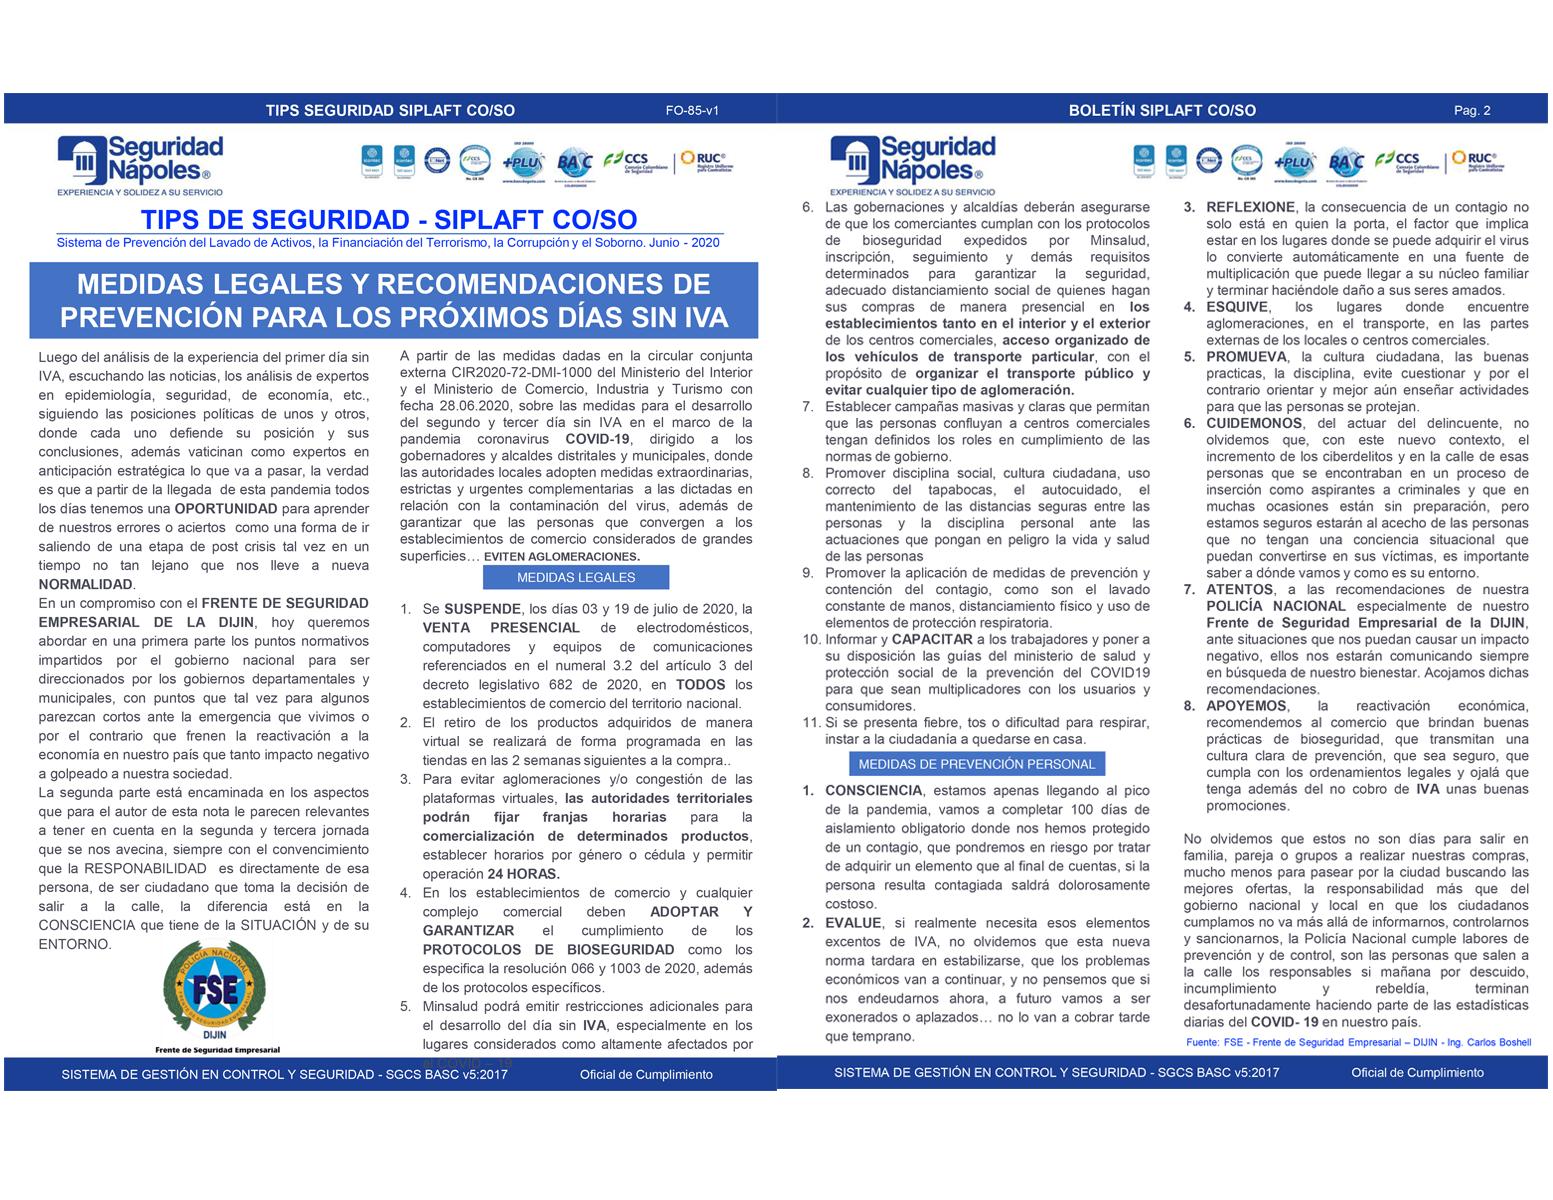 MEDIDAS LEGALES Y RECOMENDACIONES DE PREVENCIÓN PARA LOS PRÓXIMOS DÍAS SIN IVA.